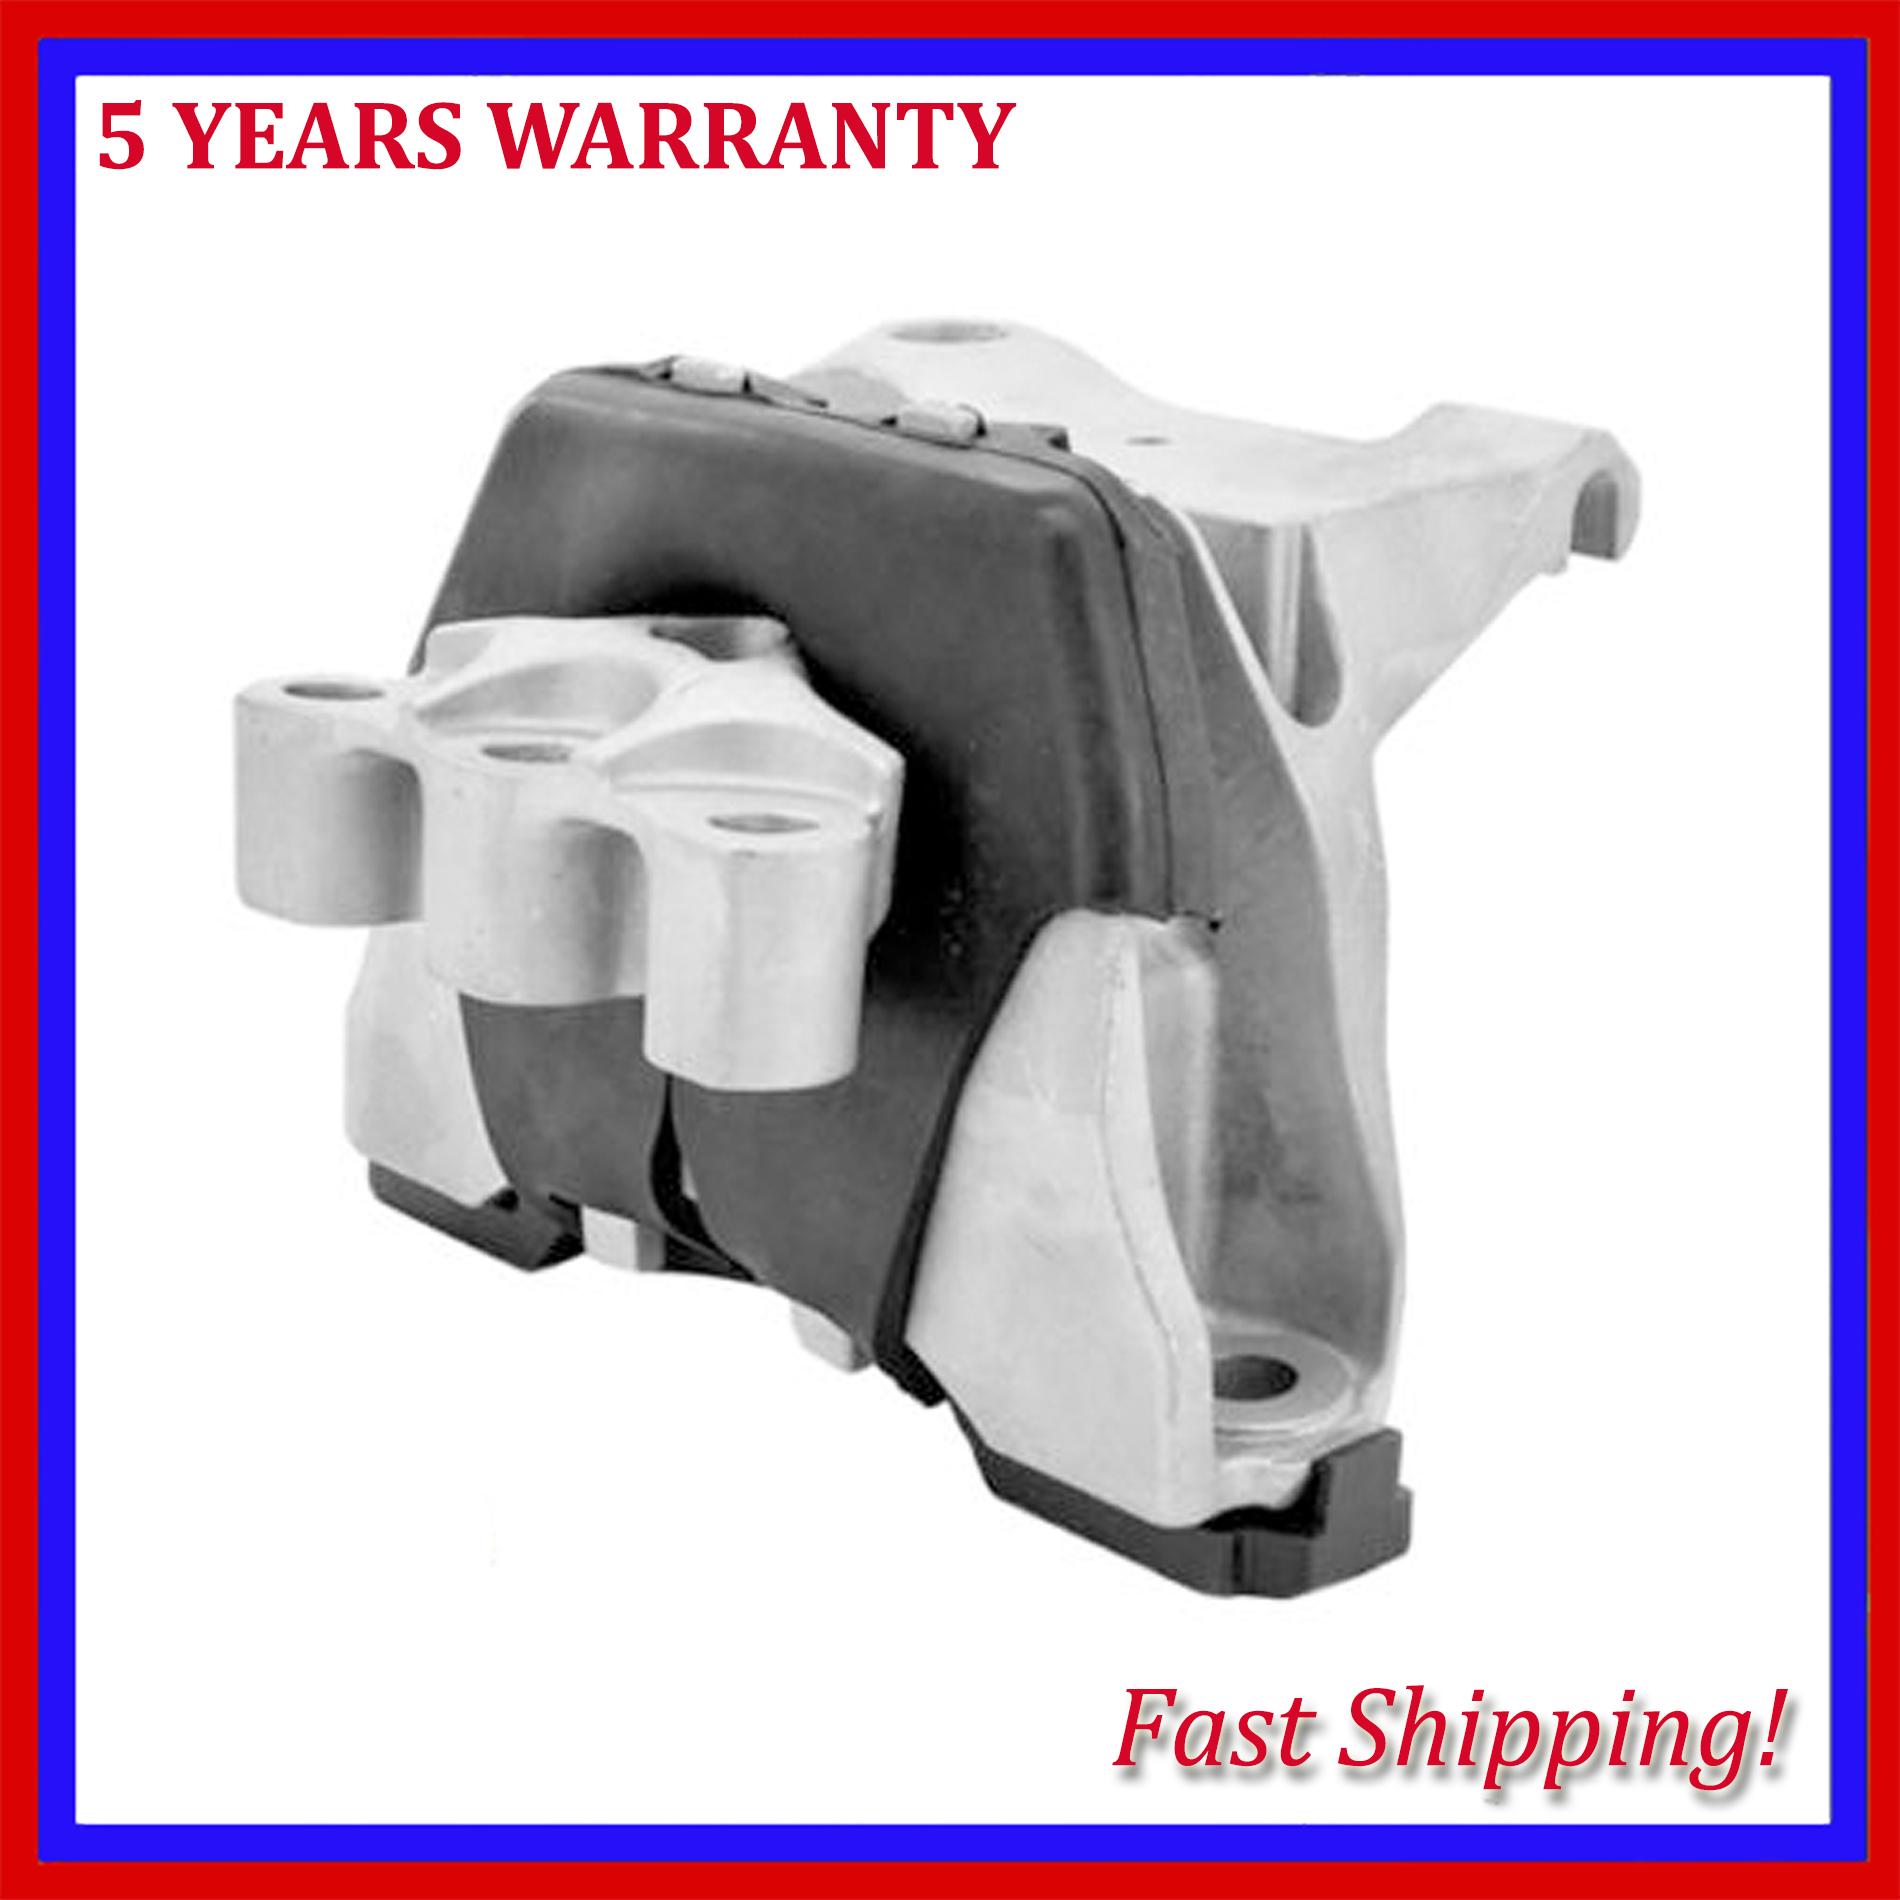 For Dodge Dart 2013 2014 2016 2 0l L4 Engine Motor Mount 5674 Em 4239 New Front Ebay